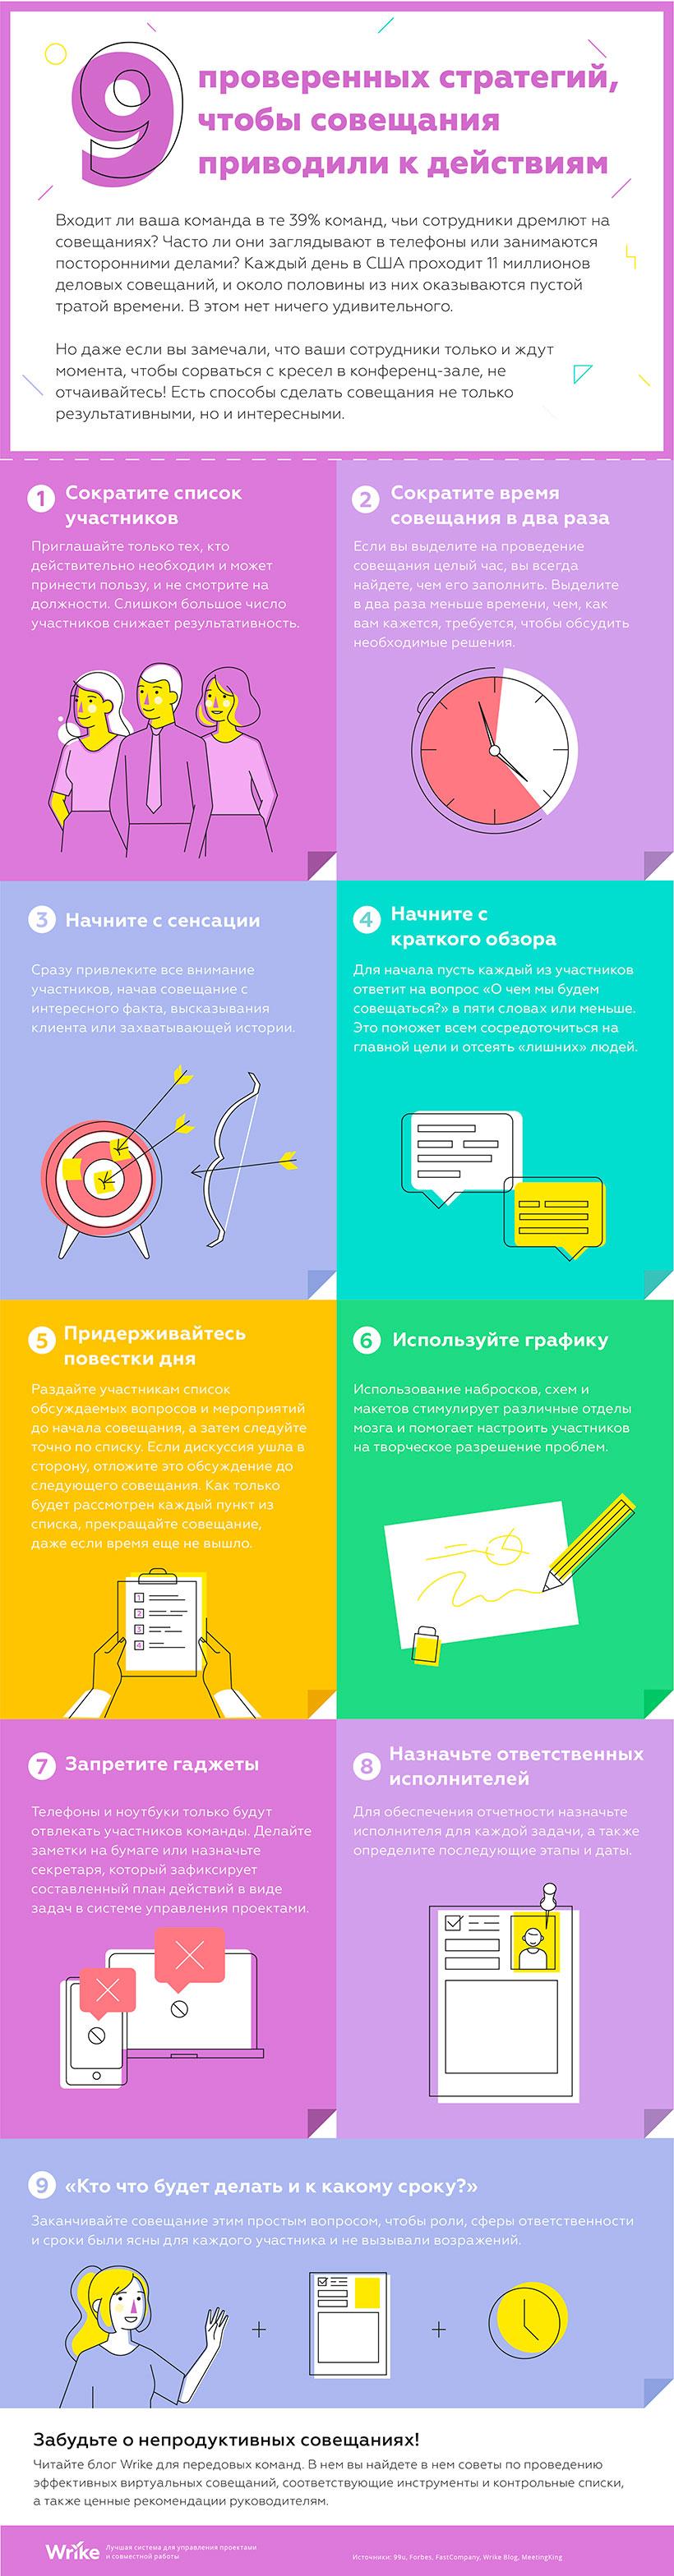 Девять проверенных стратегий для повышения продуктивности совещаний